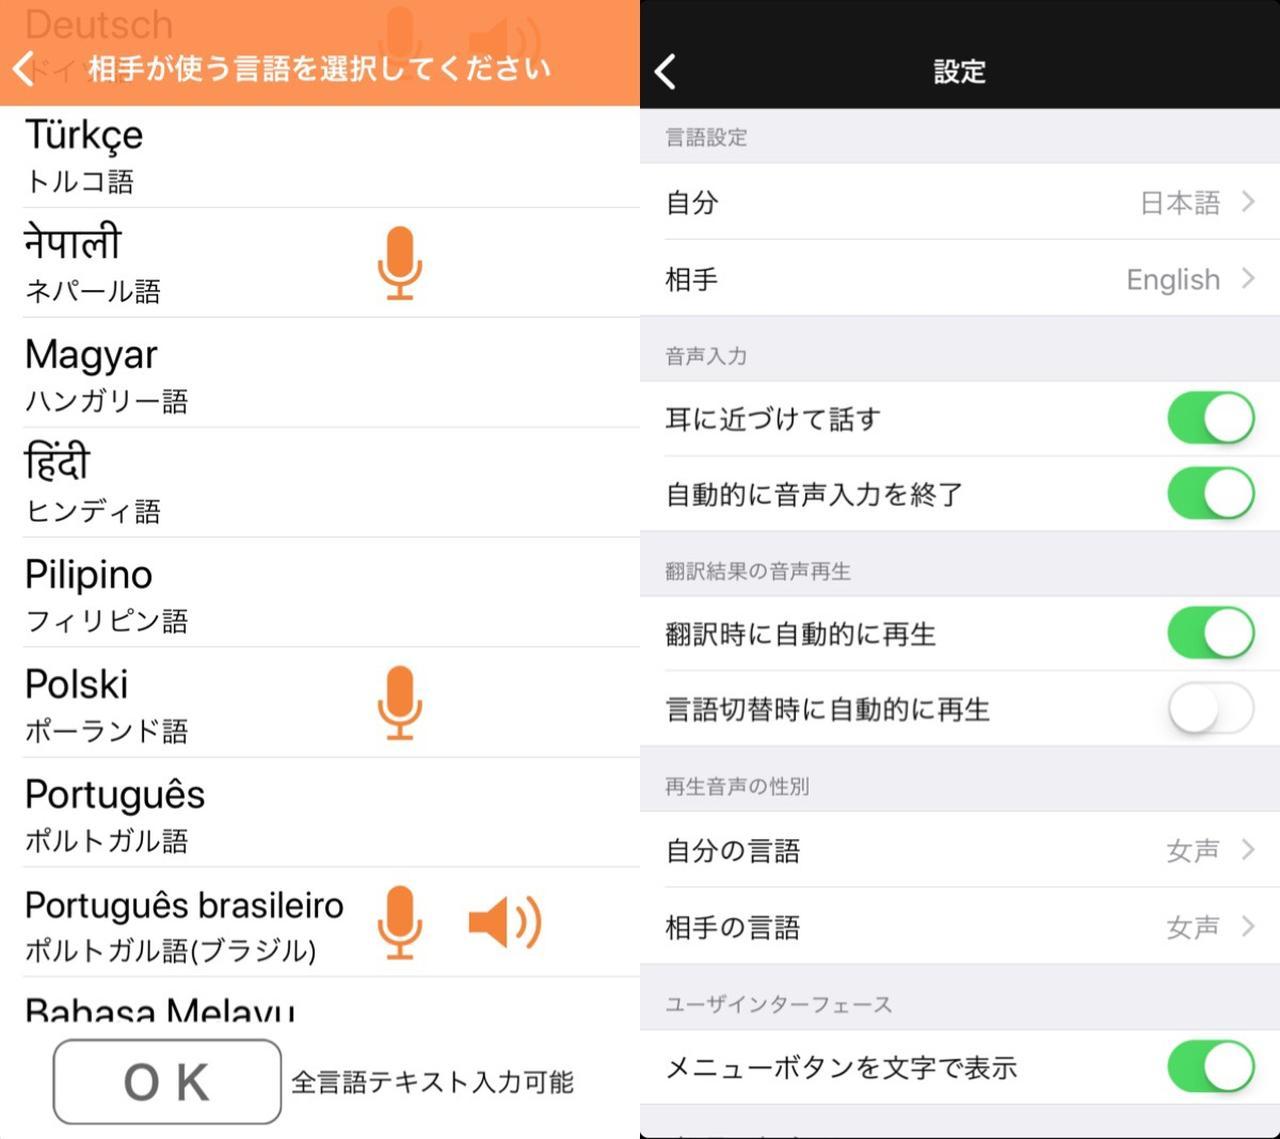 画像2: 31言語に対応。日本に来ている人にもかなりの割合で対応できそう。